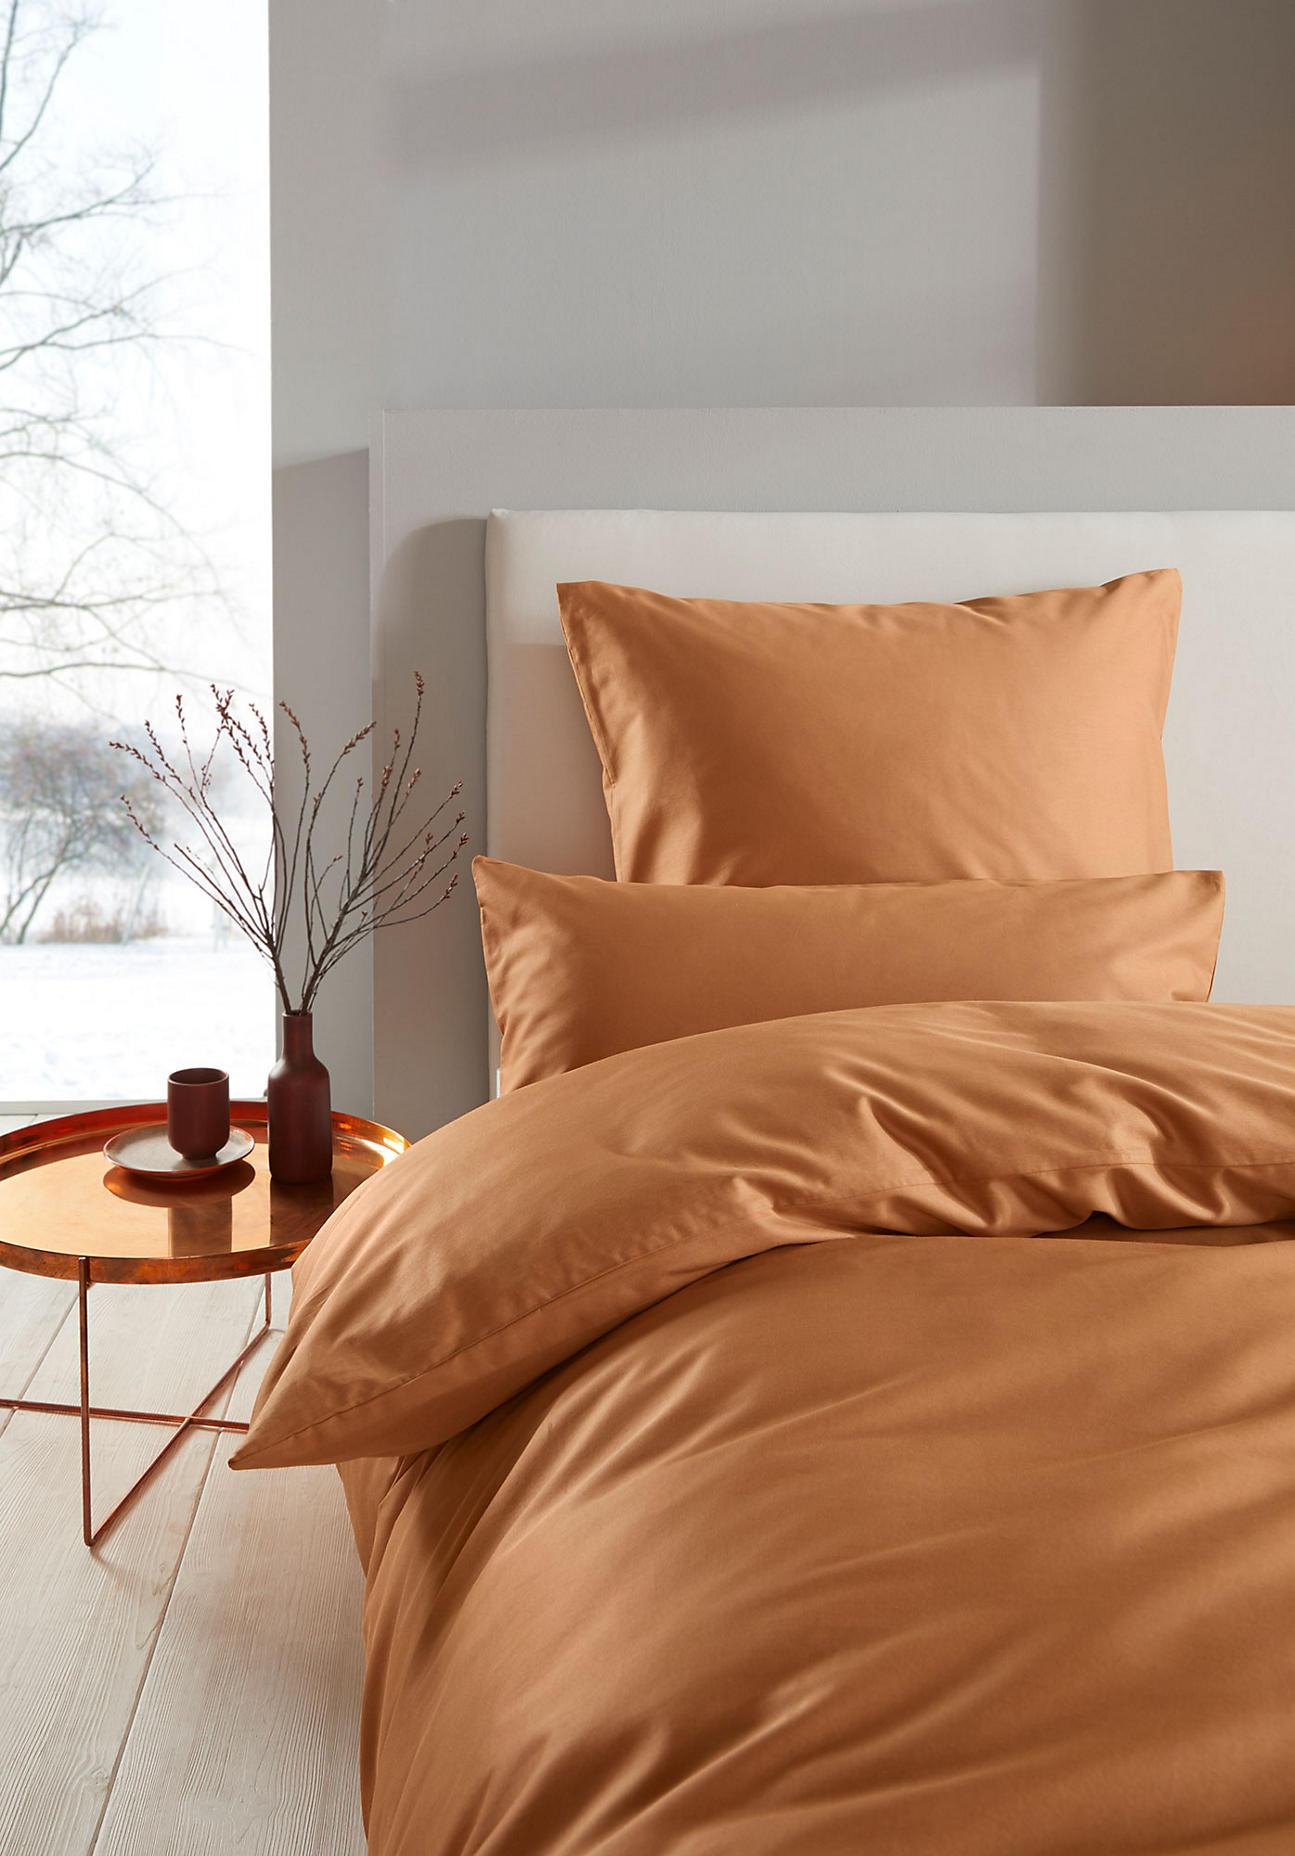 hessnatur Satin-Bettwäsche aus Bio-Baumwolle - braun Größe 240x220+2x80x80 cm